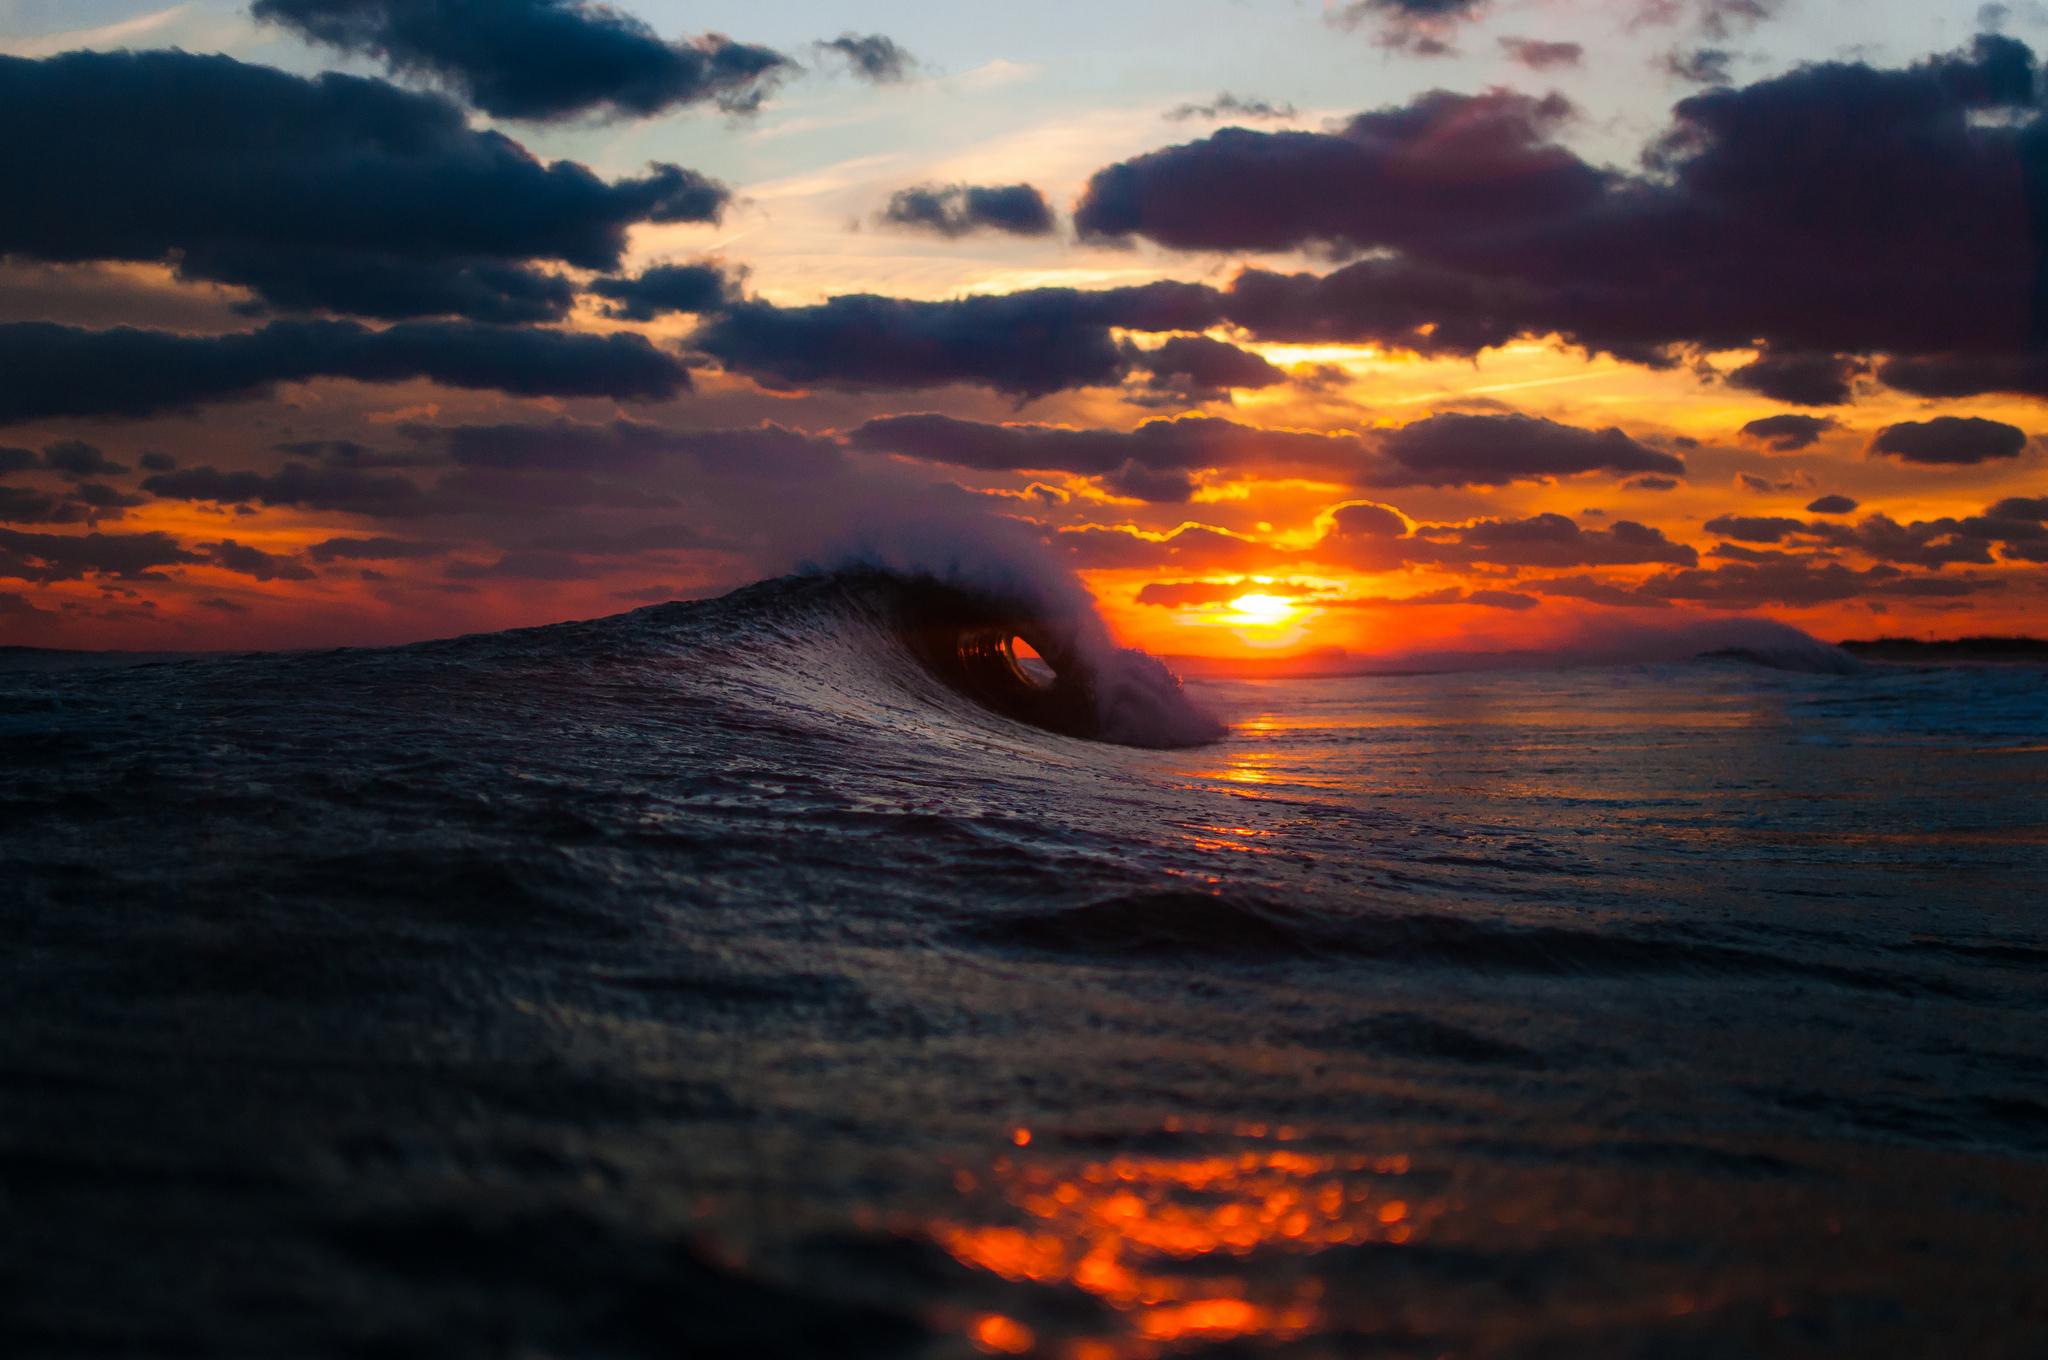 ocean sunsets wallpaper - wallpapersafari